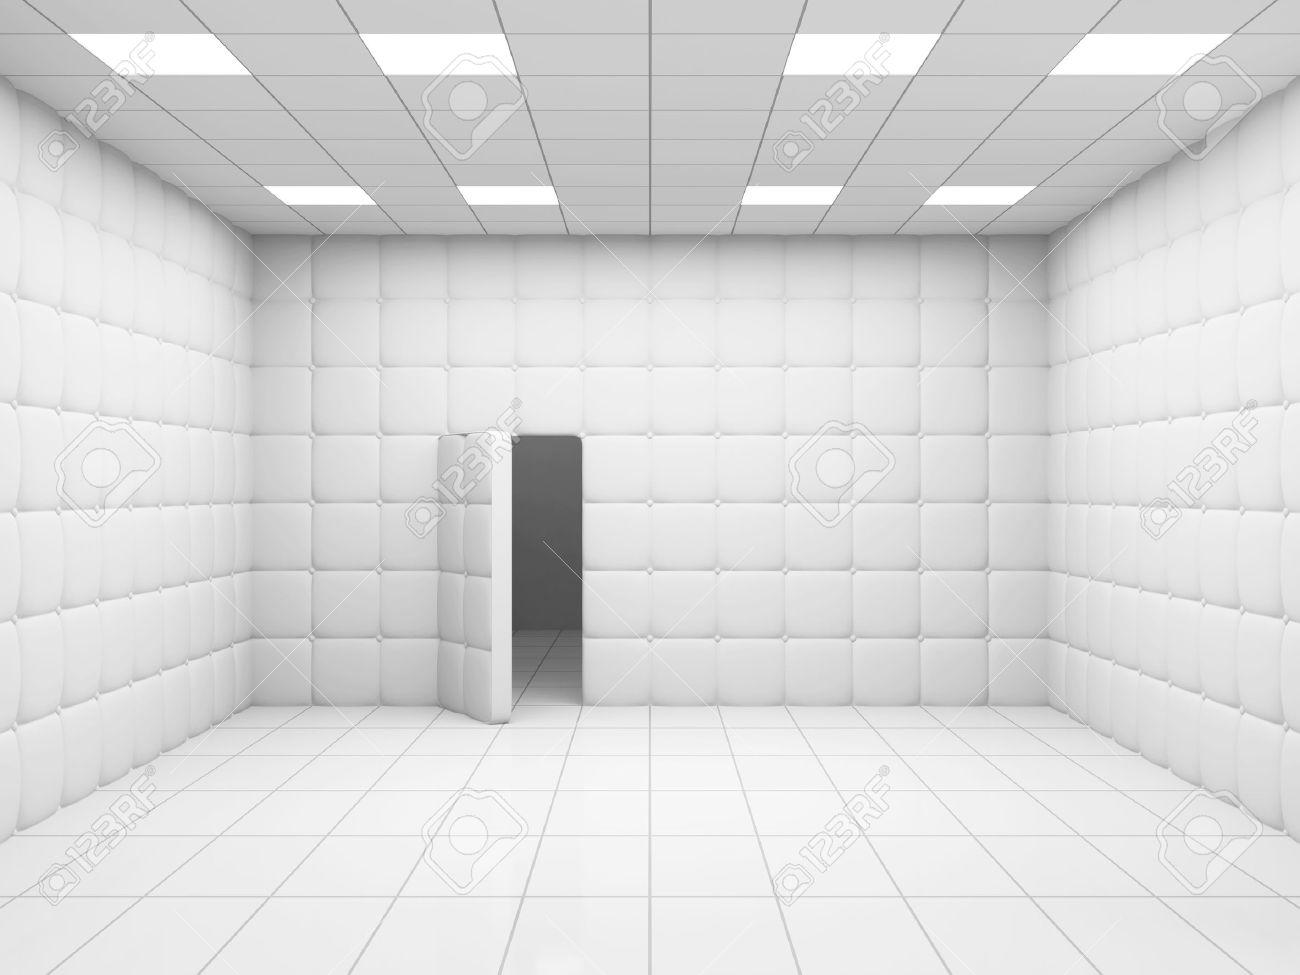 Chambre Blanc Hôpital Mental Intérieur Avec Porte Ouverte. Rendu 3D ...